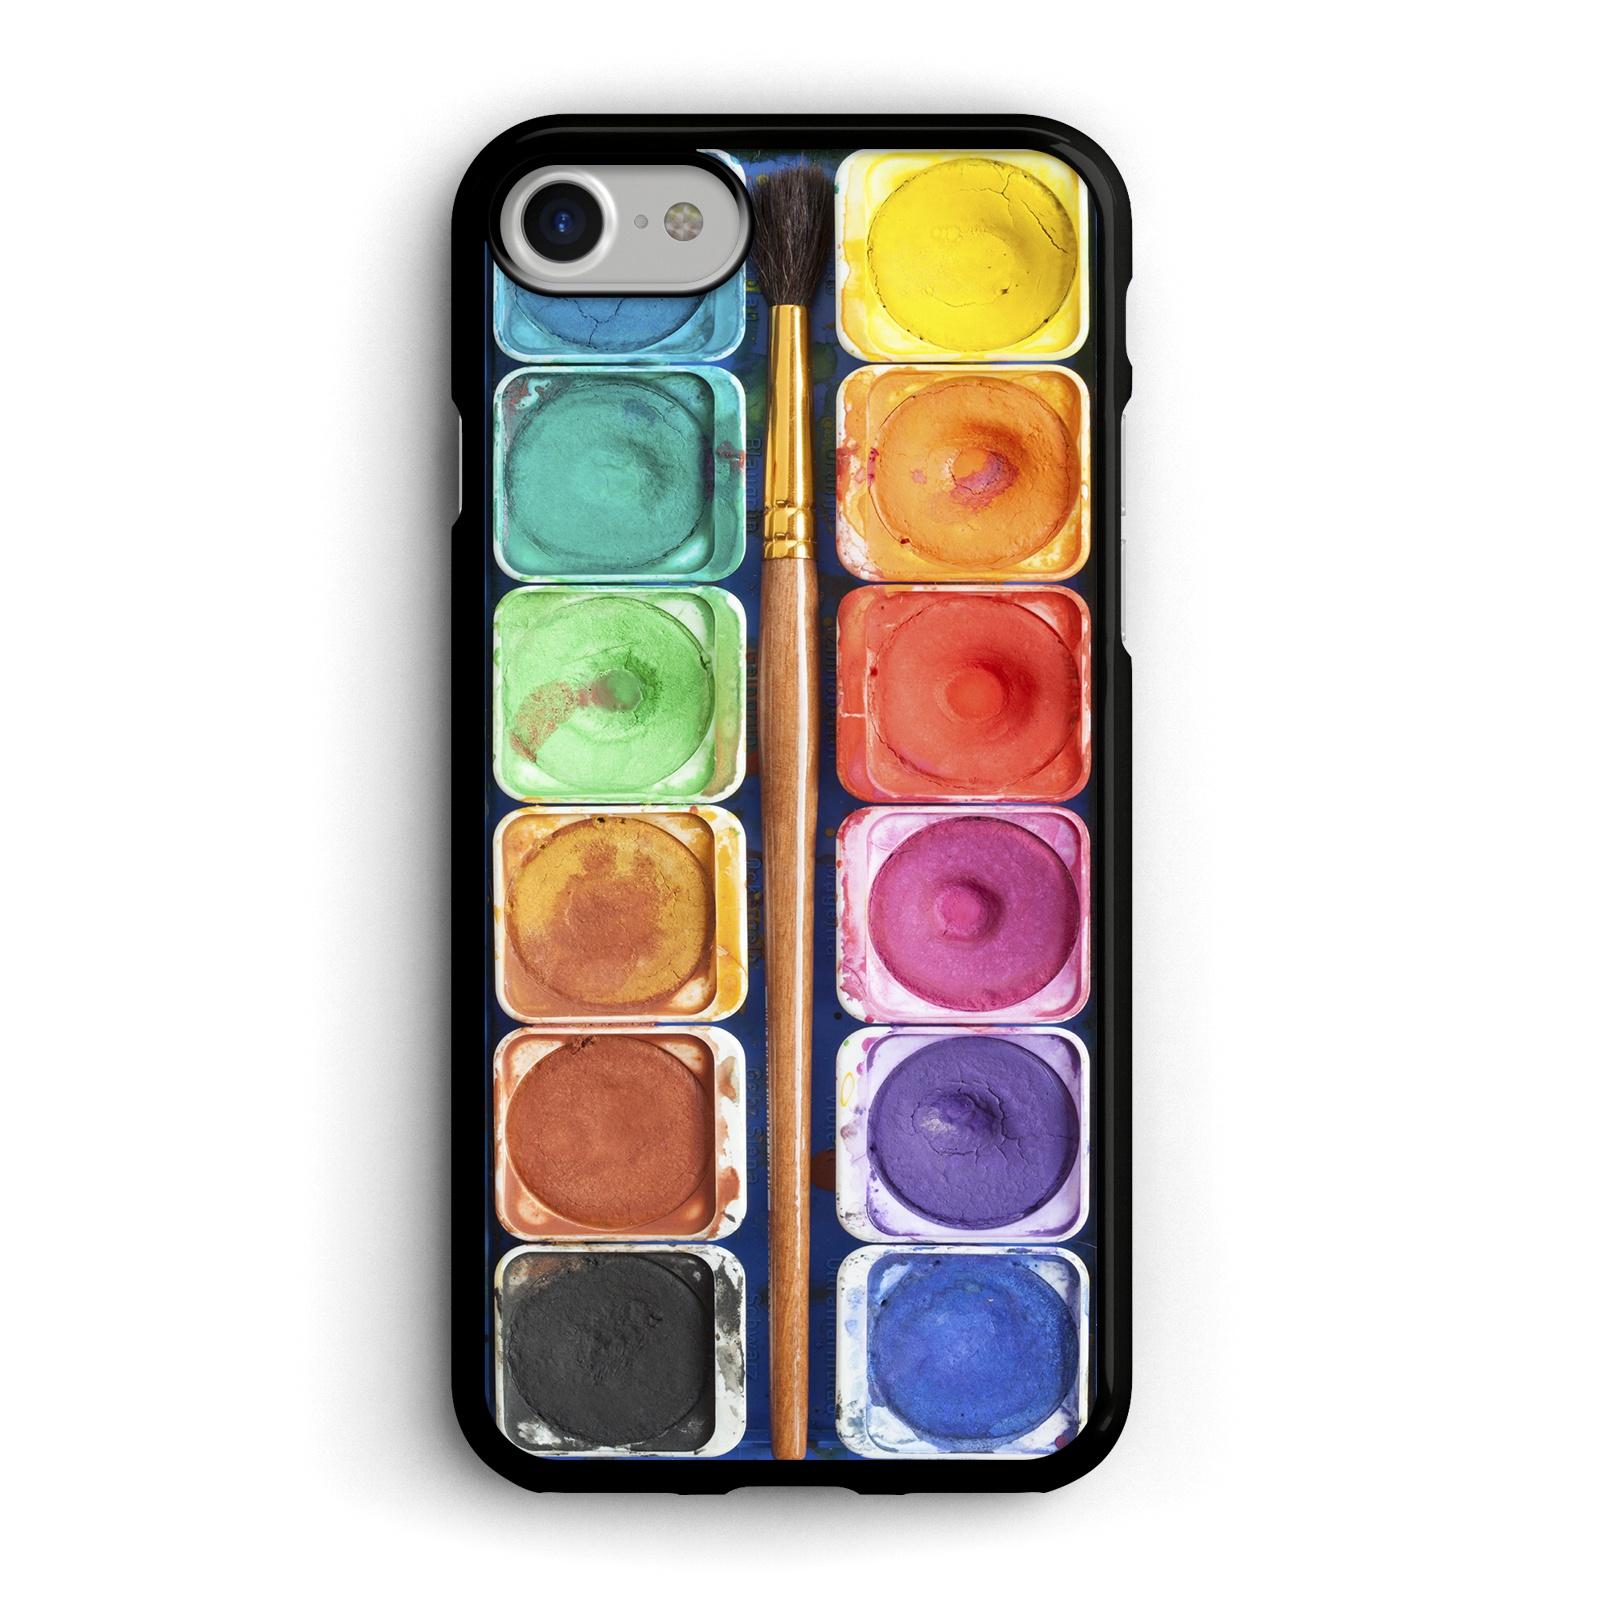 Чехол для сотового телефона Boom Case Чехол для iPhone 7 / 8 Акварель с кисточкой, IP8.CASE-42 case scenario чехол